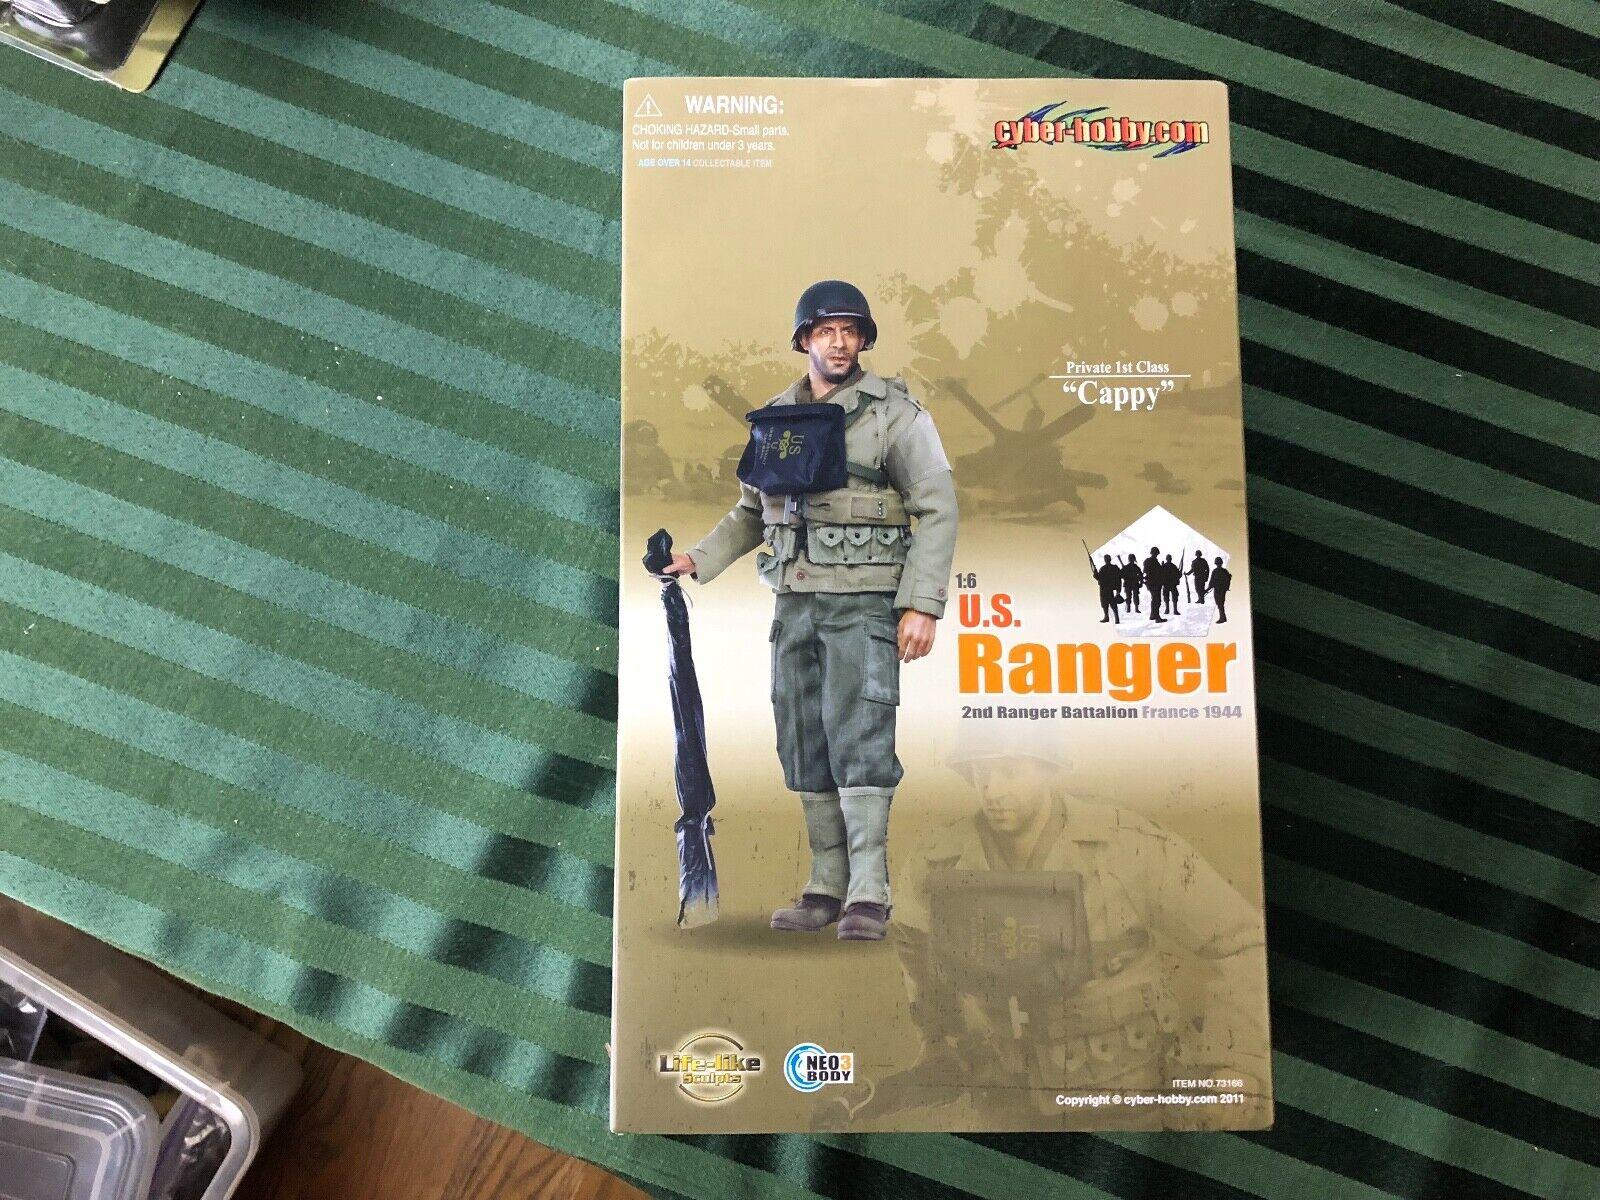 Cyber-Hobby US Ranger 2nd batallón privado 1st clase  promociona  Francia 1944